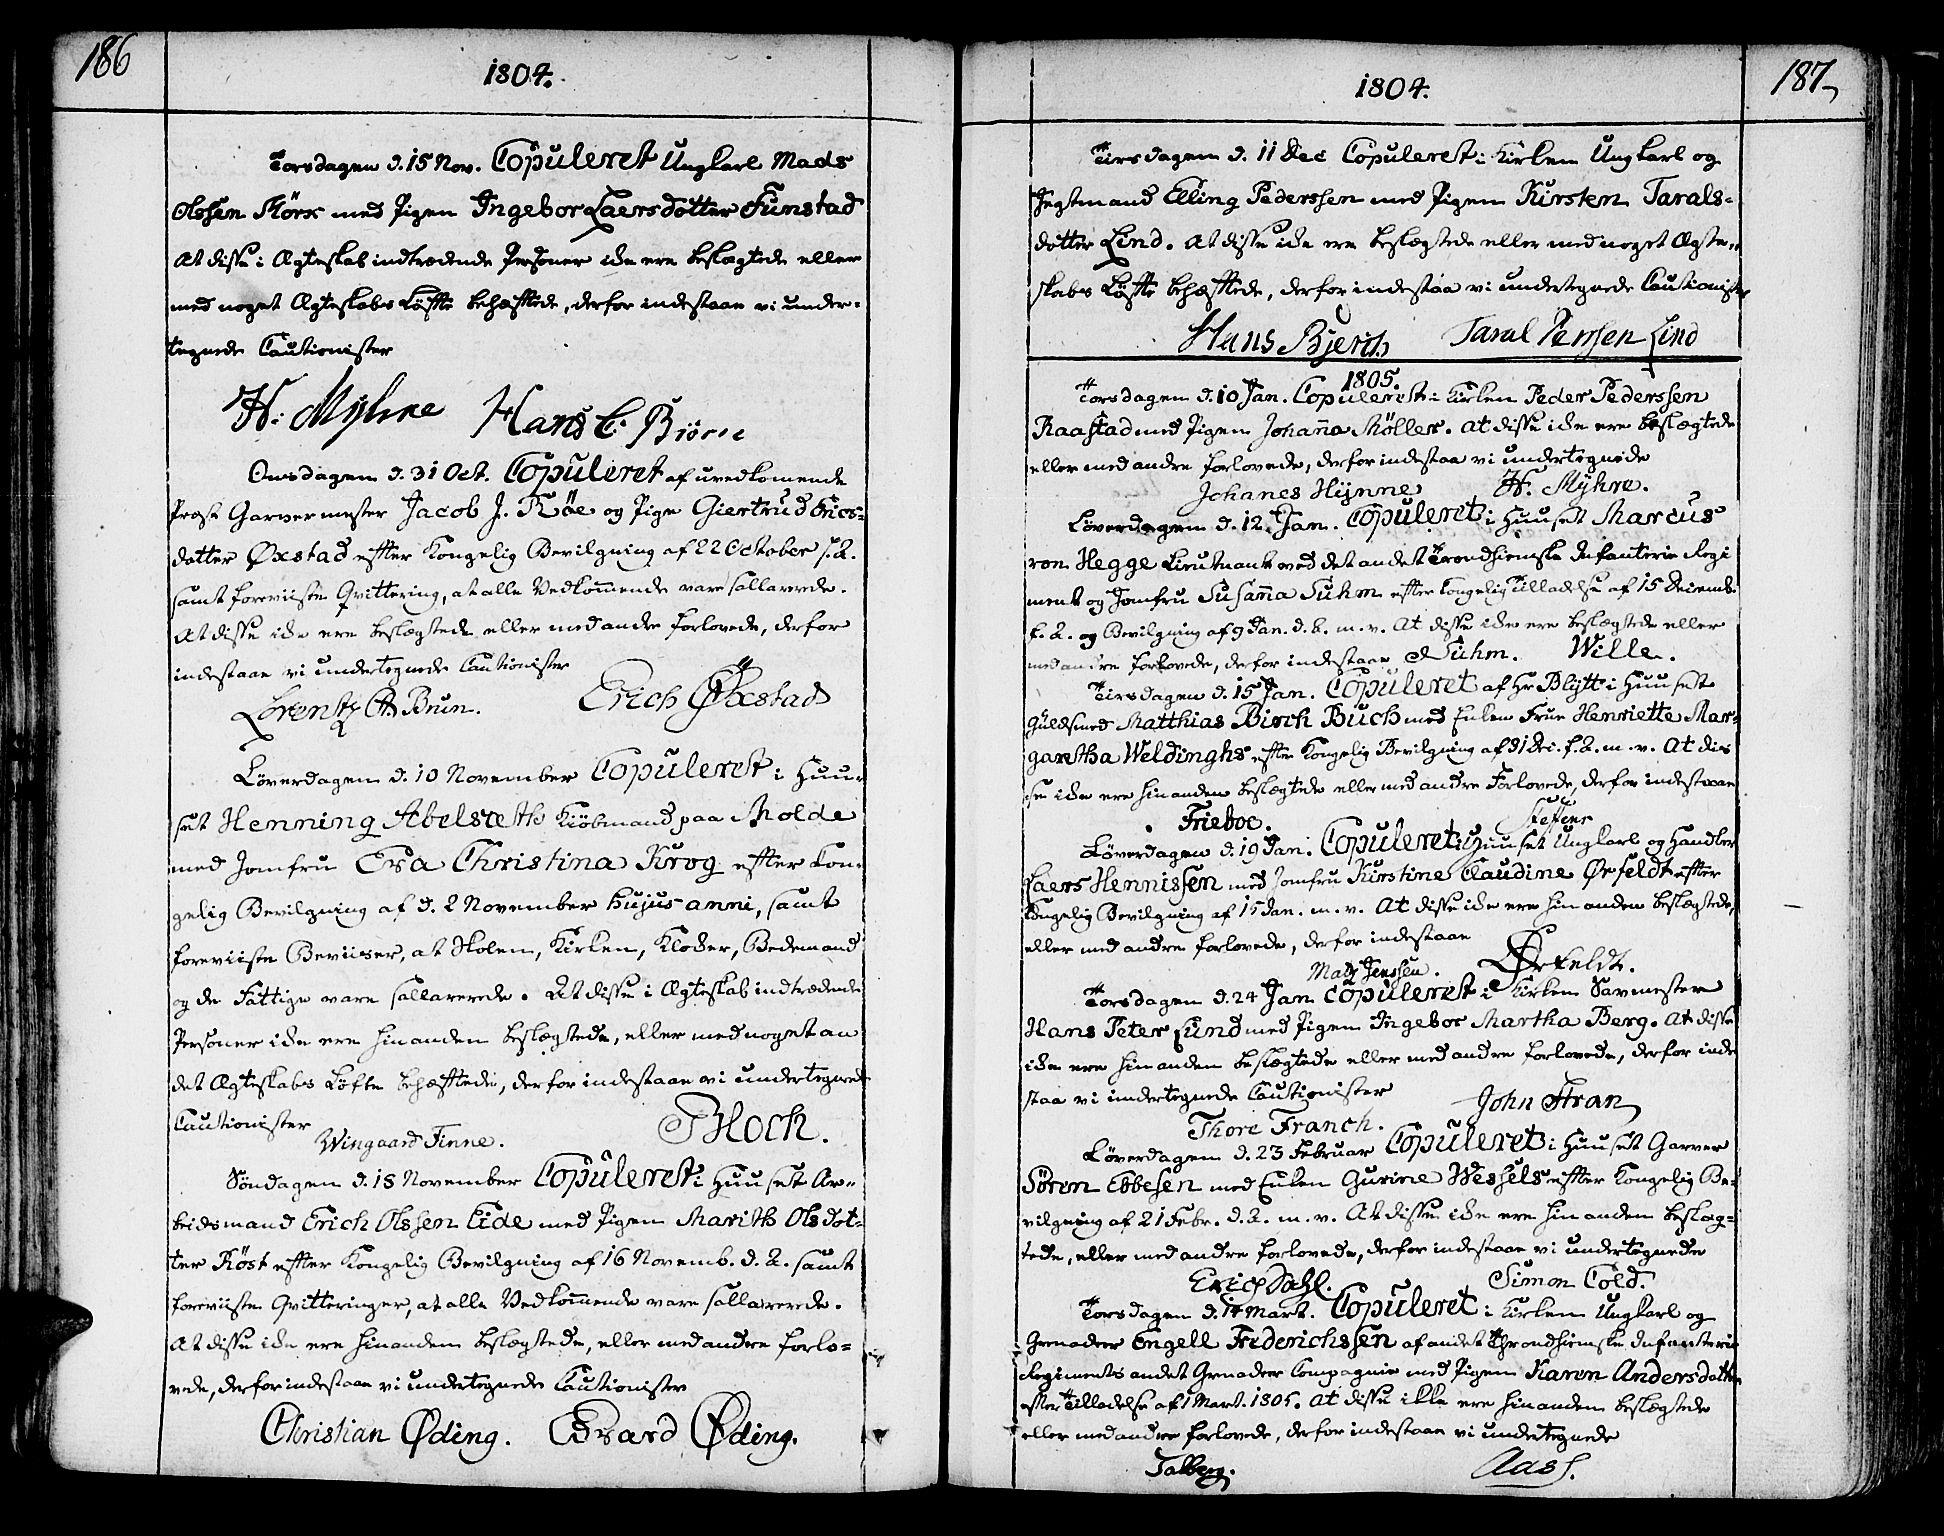 SAT, Ministerialprotokoller, klokkerbøker og fødselsregistre - Sør-Trøndelag, 602/L0105: Ministerialbok nr. 602A03, 1774-1814, s. 186-187